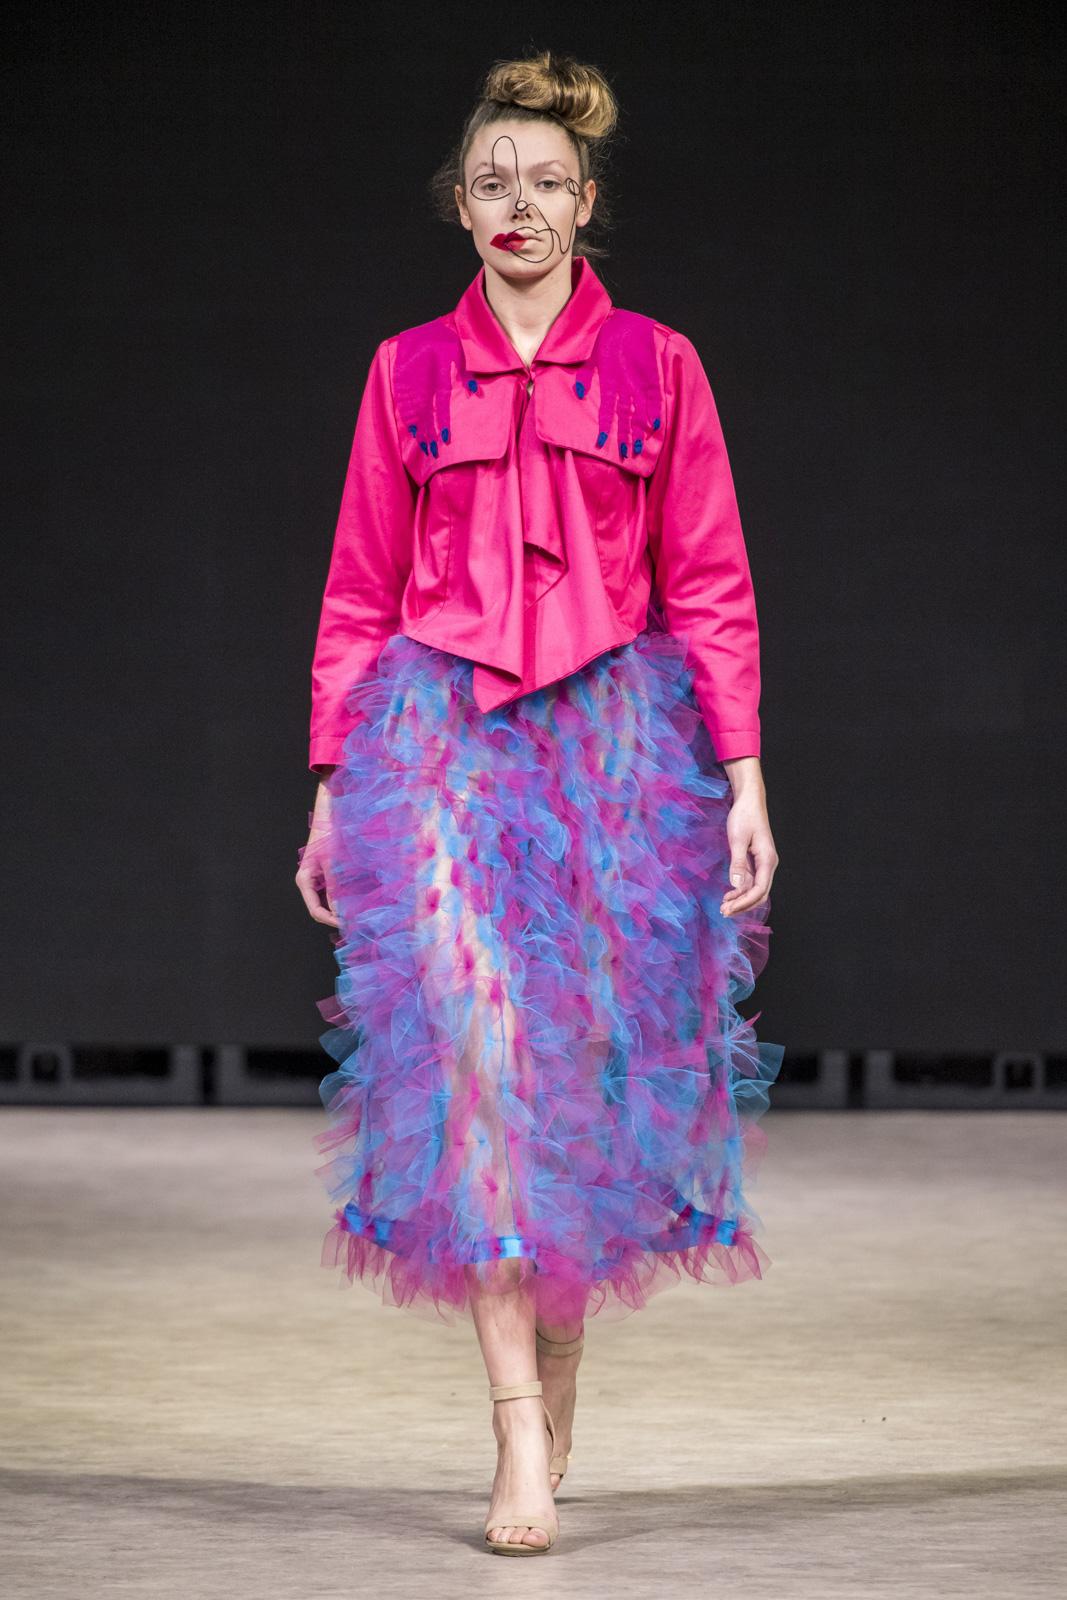 Sarah Runnalls Collection at Vancouver Fashion Week